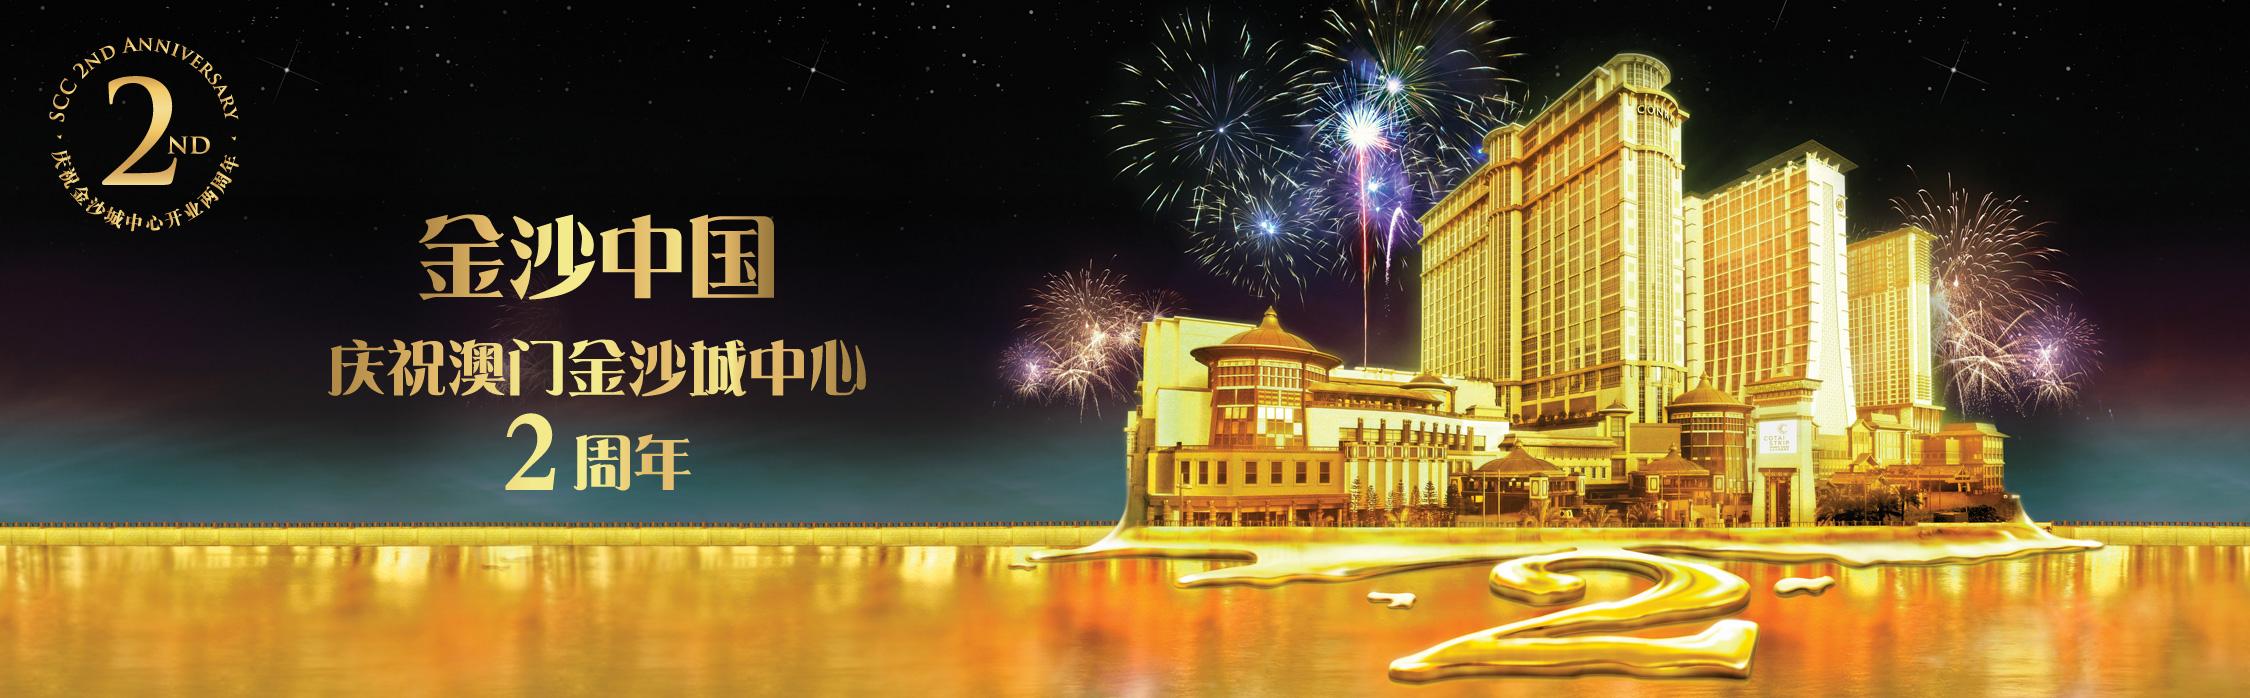 金沙中国庆祝澳门金沙城中心2周年